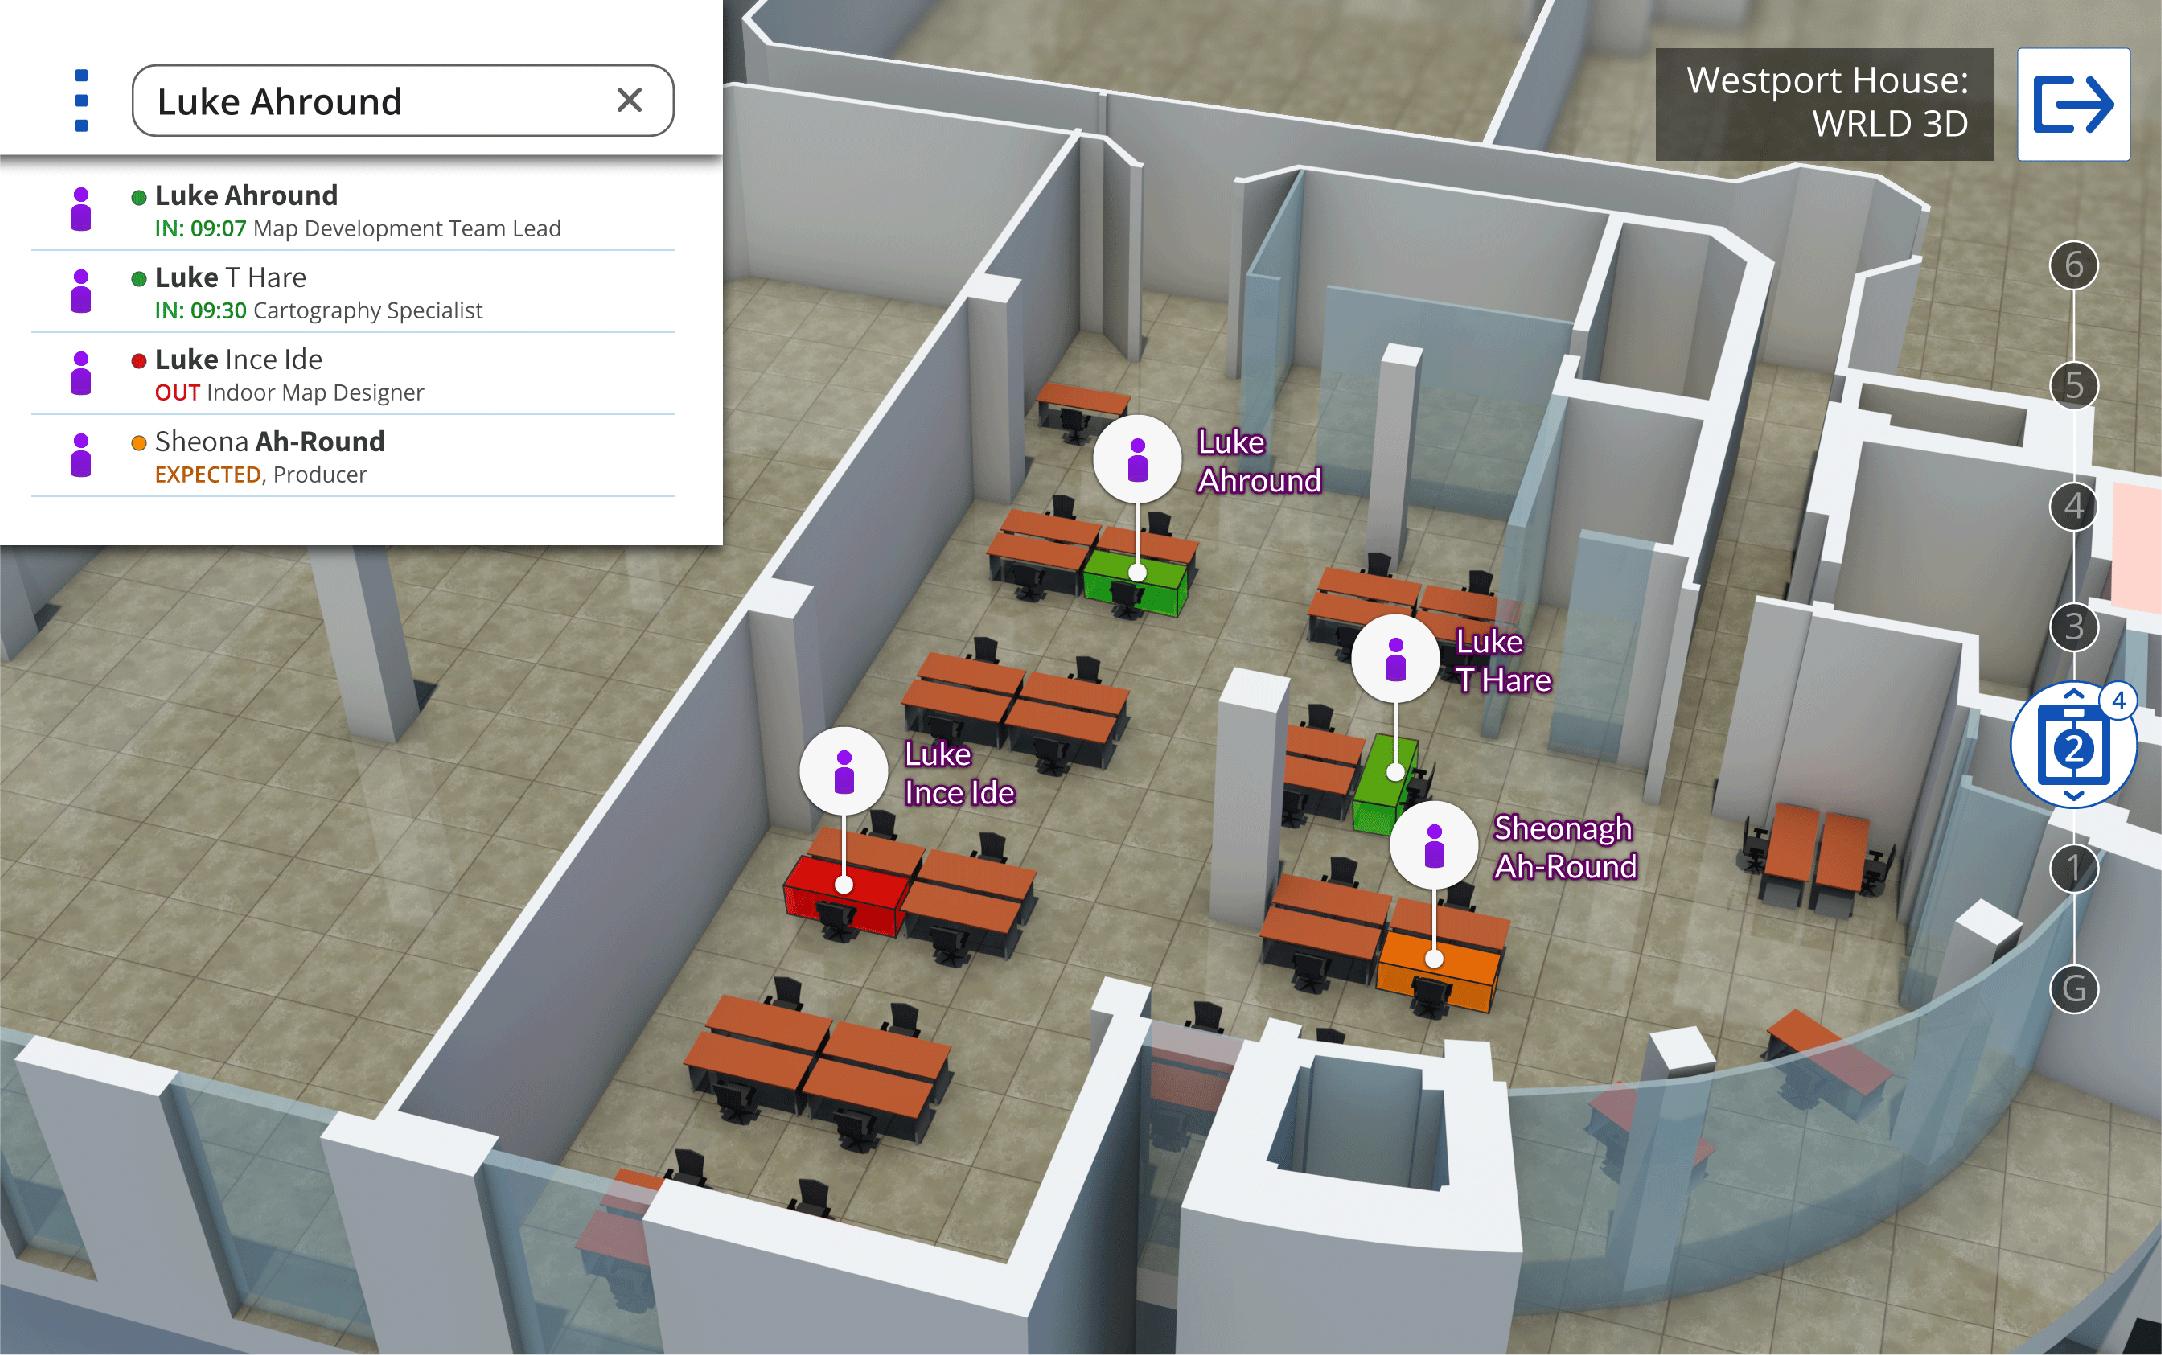 smart workplace digital twin